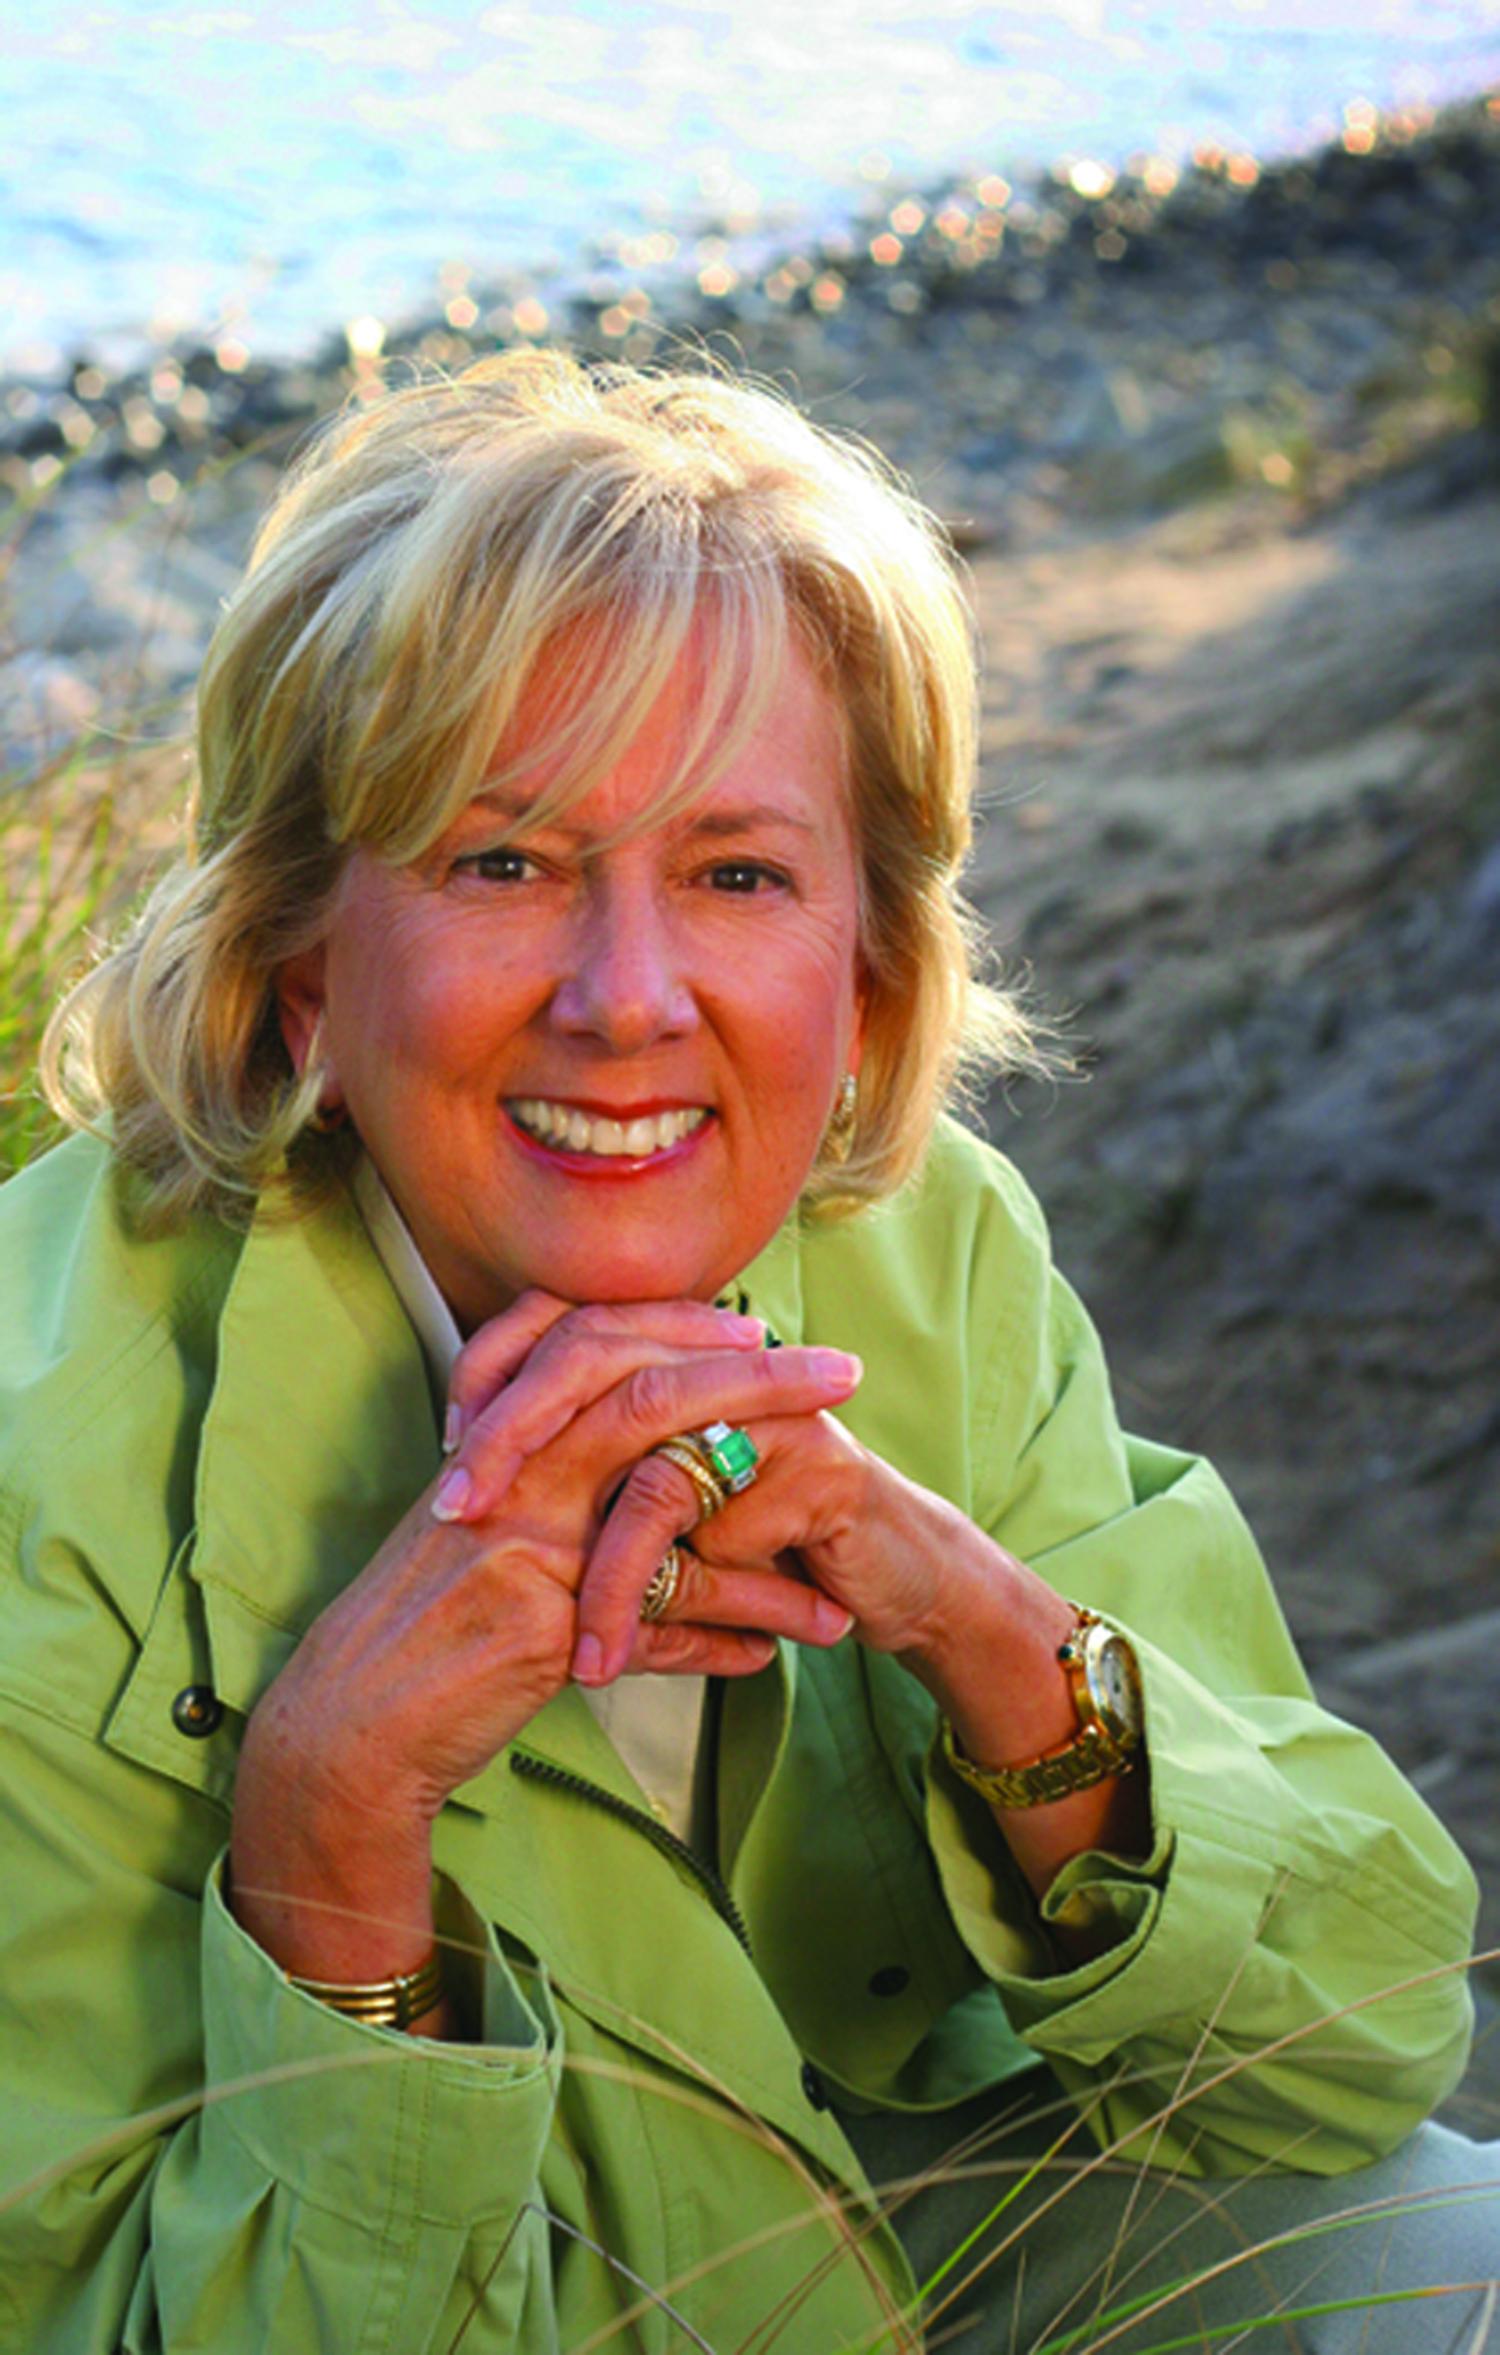 Between The Lines With Linda Fairstein By Julie Kramer